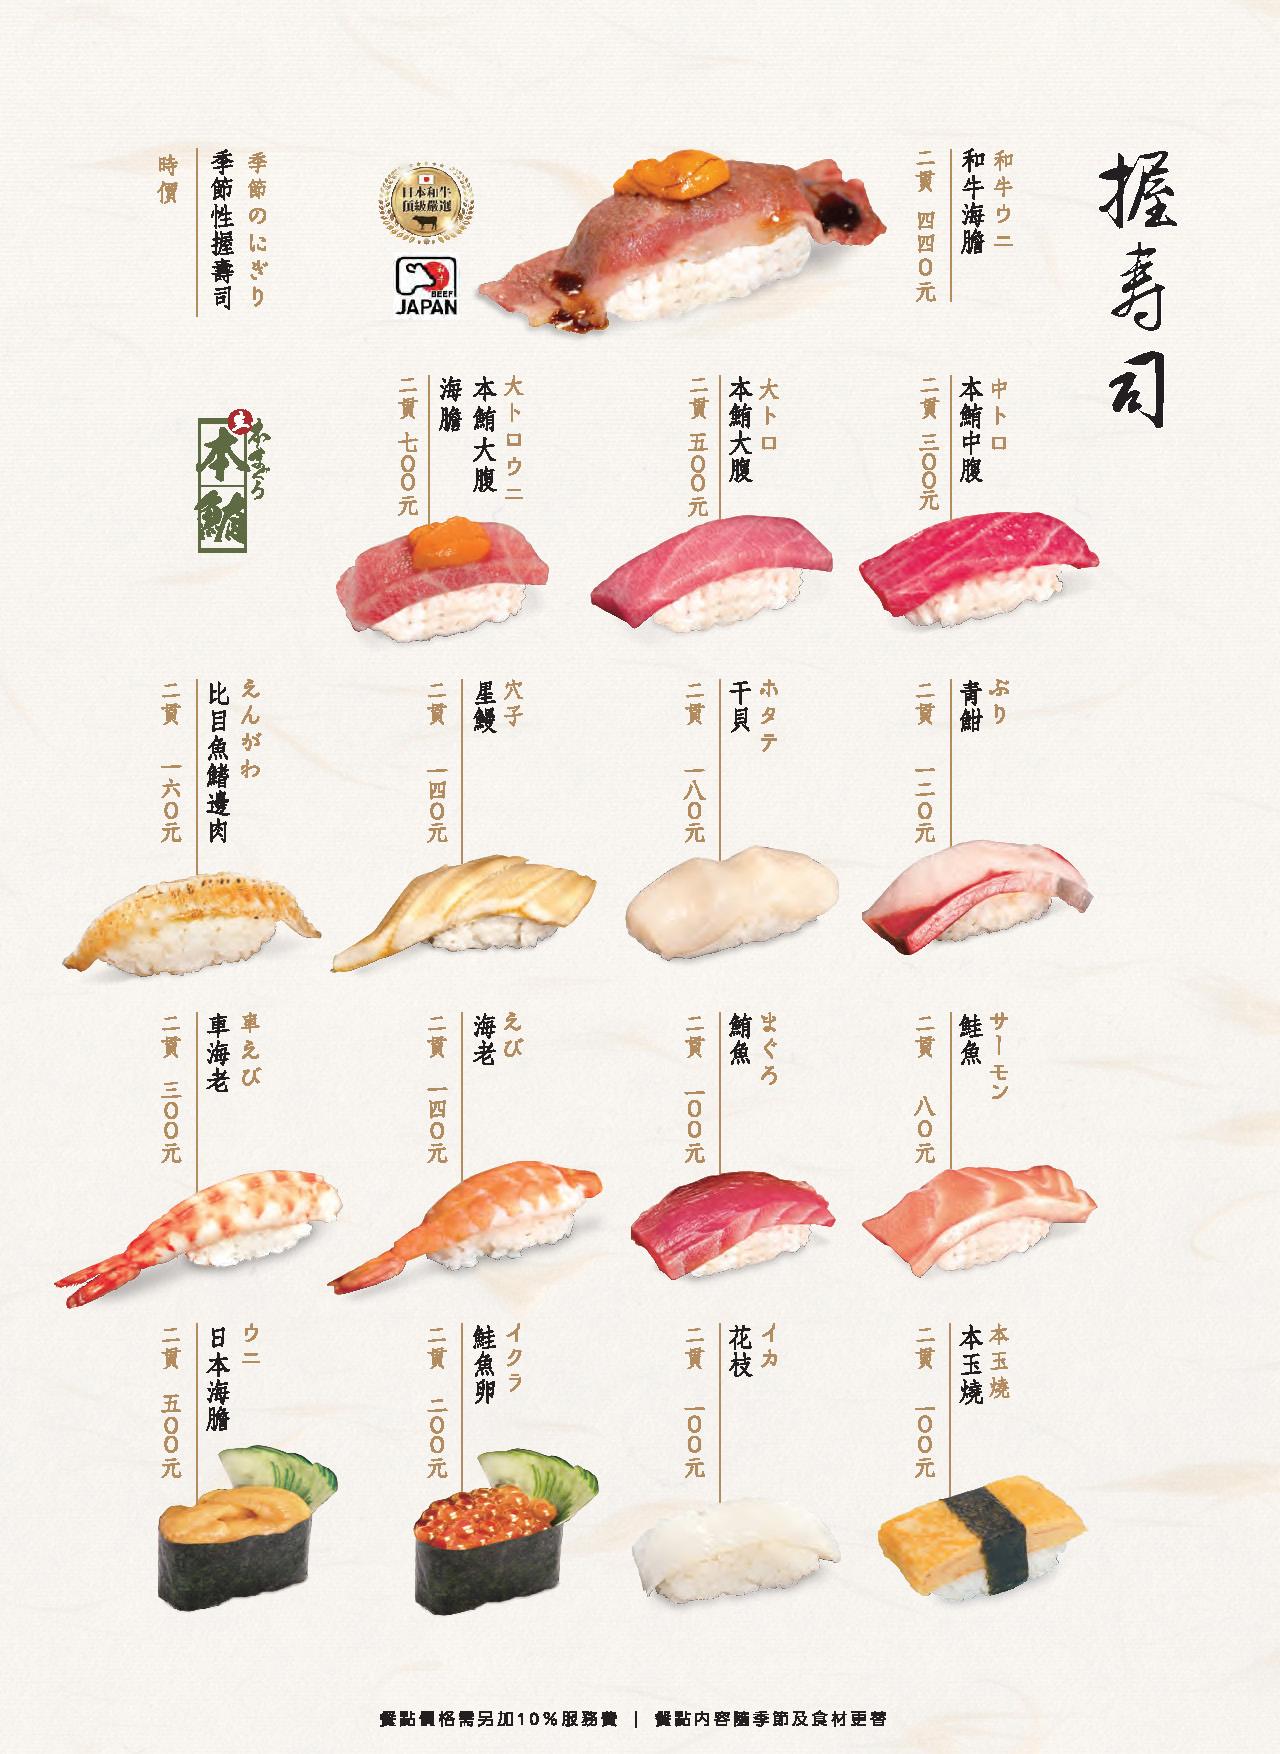 莞固和食 GANKO 台北大直店菜單 - 握壽司